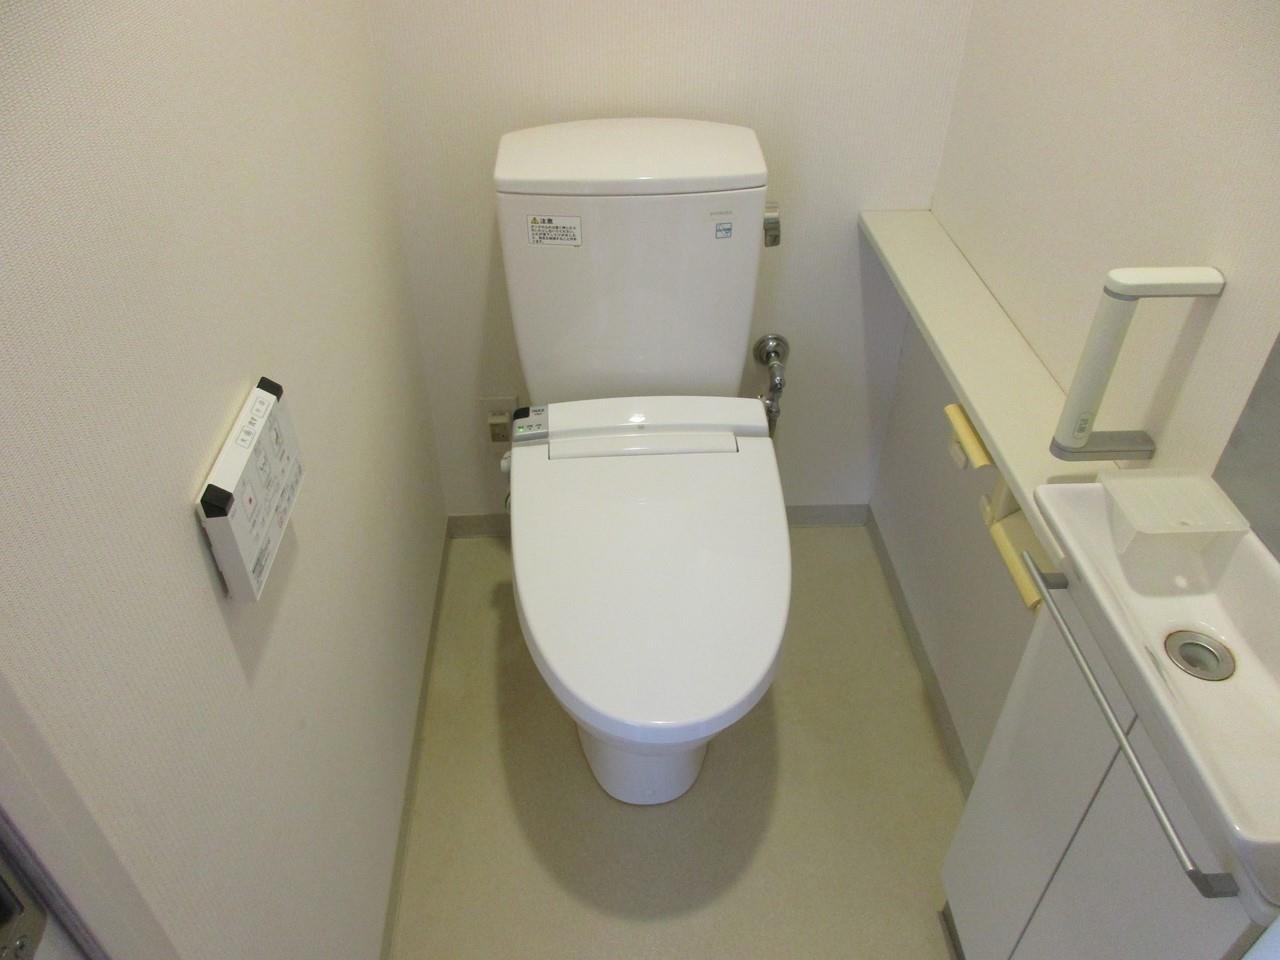 シャワートイレへ取替え(リフォーム施工事例)を公開しました。 | 沖縄や那覇でリフォームするなら【株式会社 あうん工房】